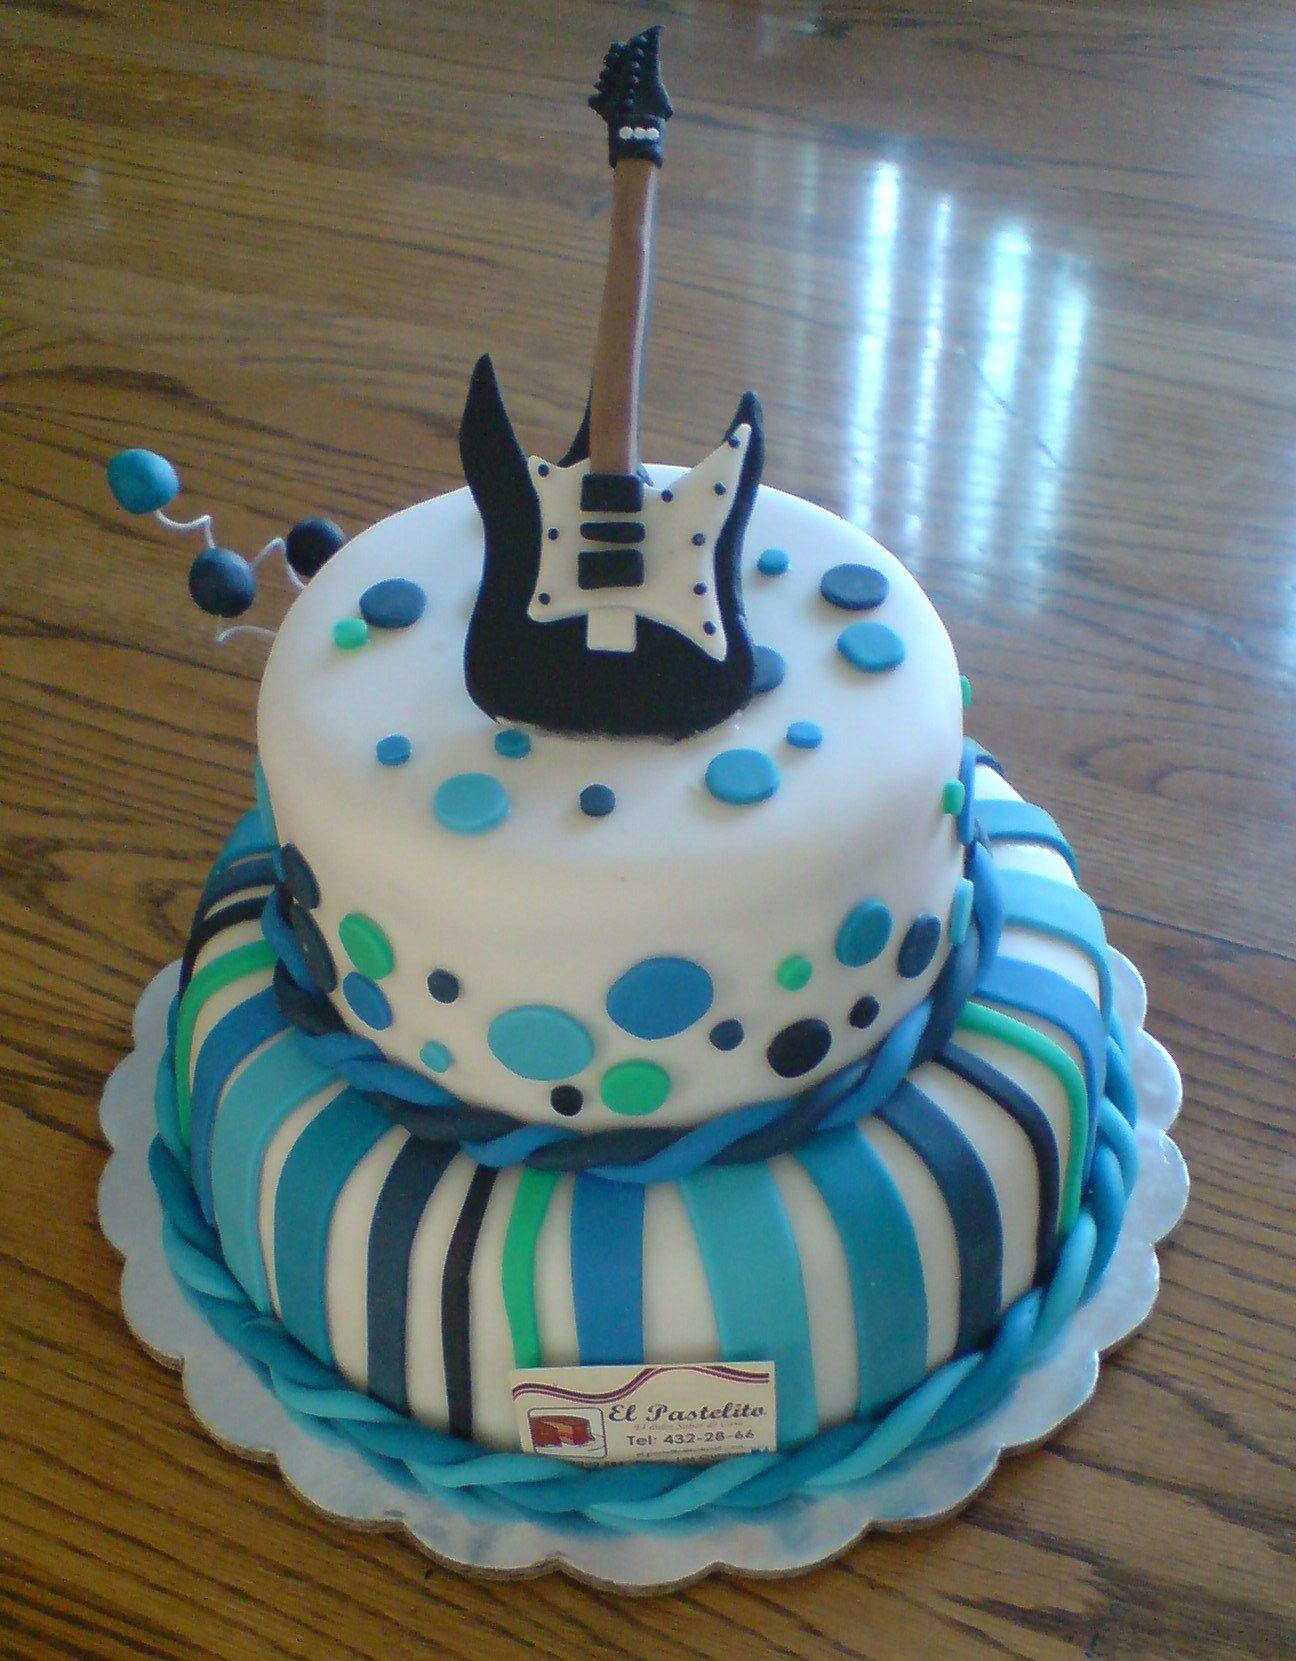 guitar pastel tematico de cumpleaosla cliente nos pido este pastel ya